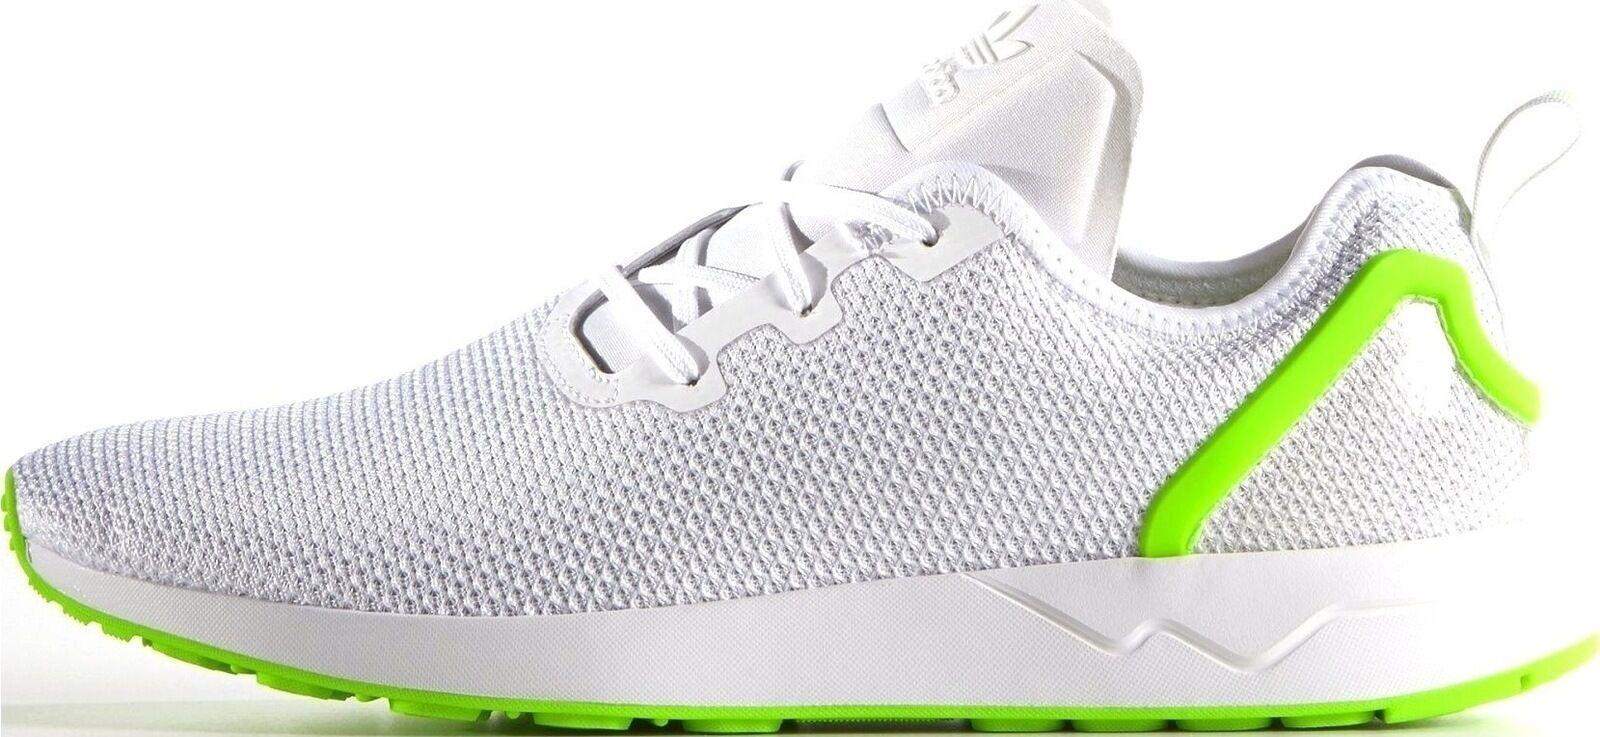 Adidas Originals ZX Flux Entrenadores ADV asimétrico Zapatos para Hombre Entrenadores Flux AQ3166-Blanco c593c6